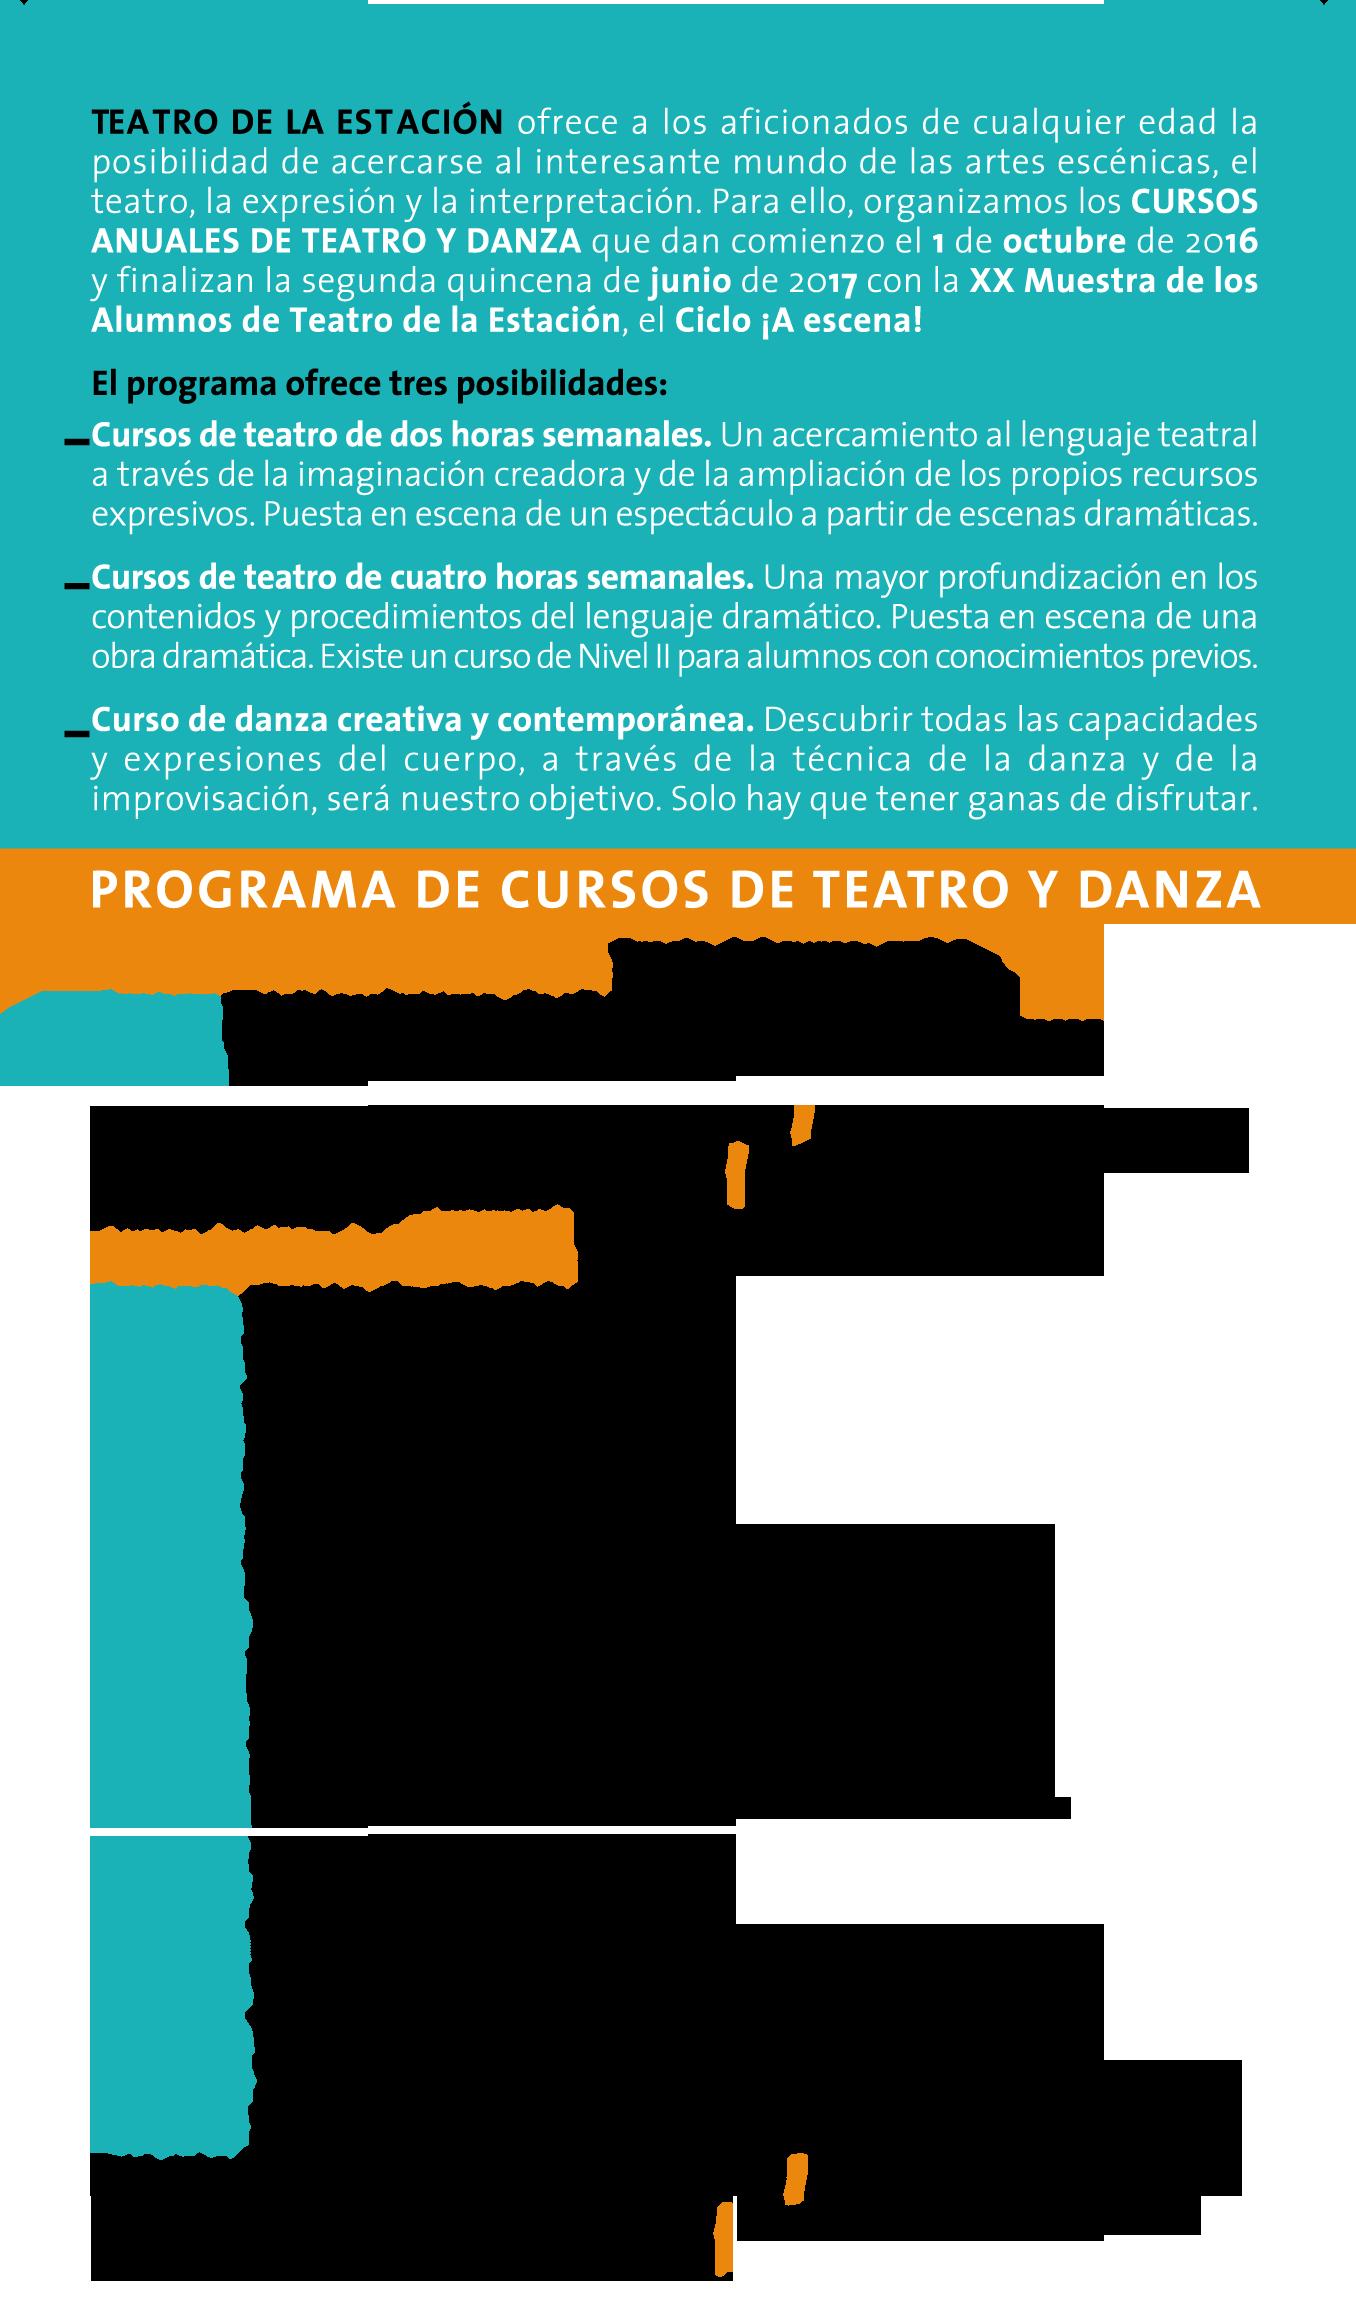 cursos-16_17